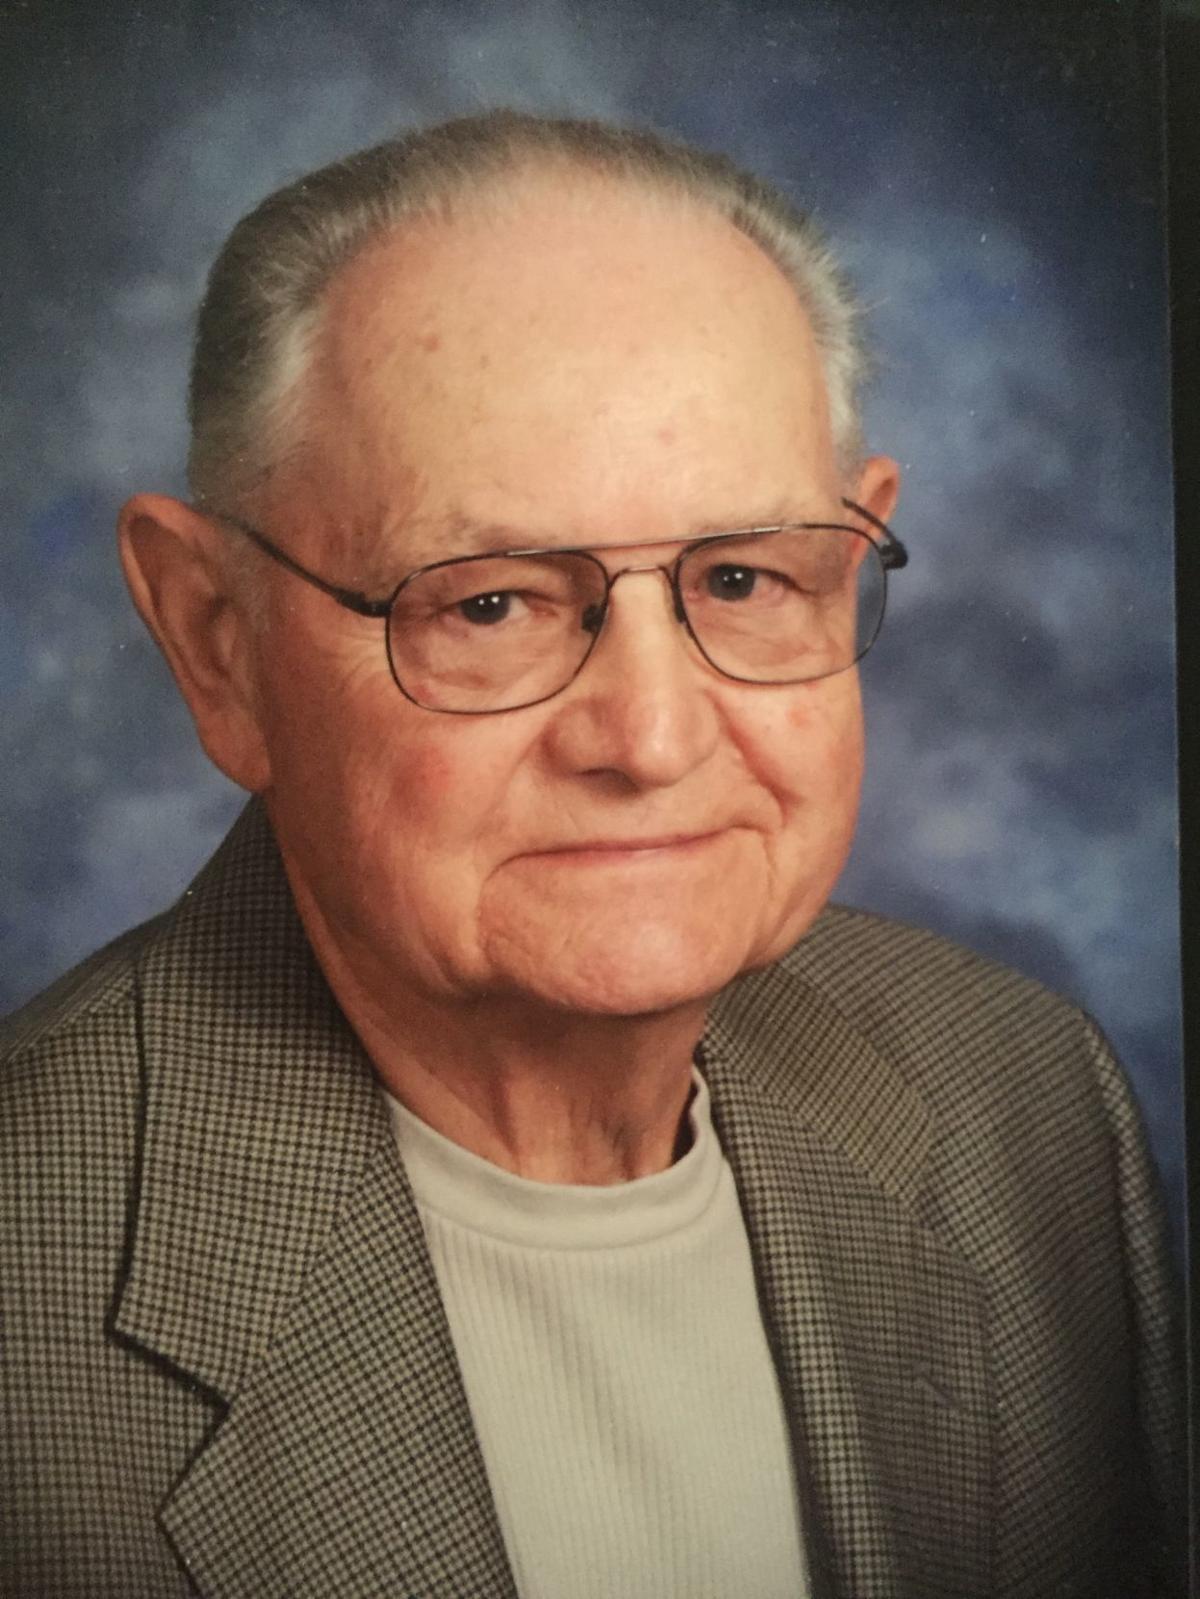 Robert Beener